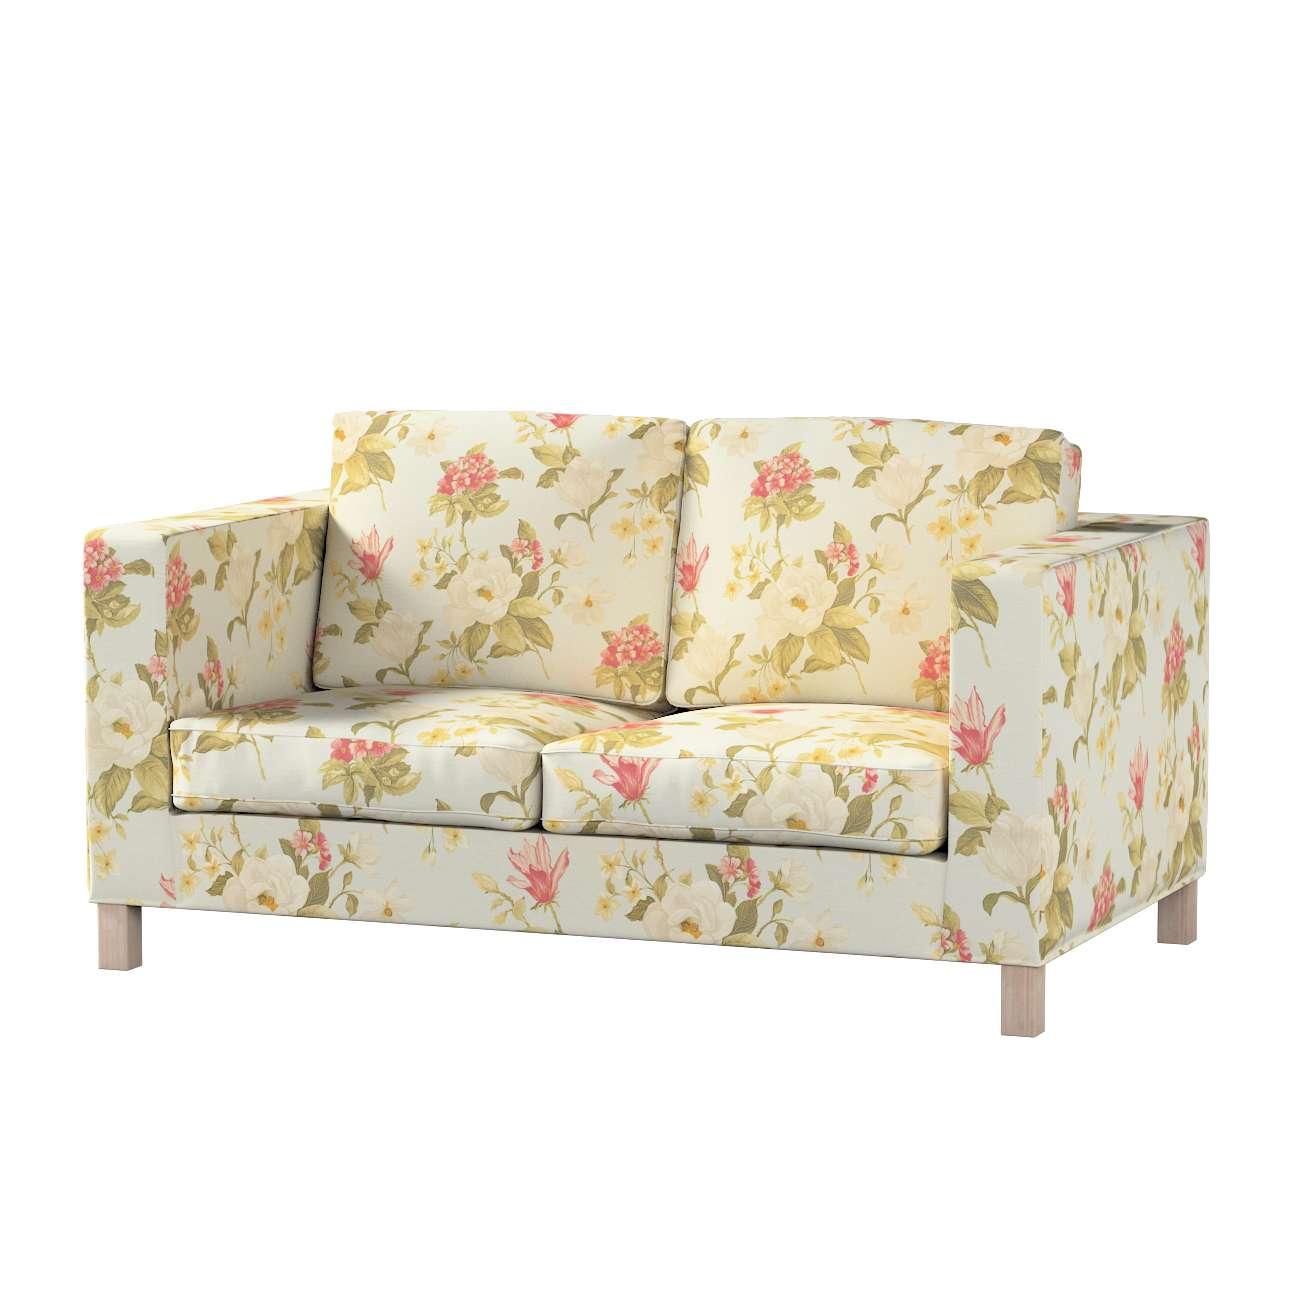 KARLANDA dvivietės sofos užvalkalas KARLANDA dvivietės sofos užvalkalas kolekcijoje Londres, audinys: 123-65